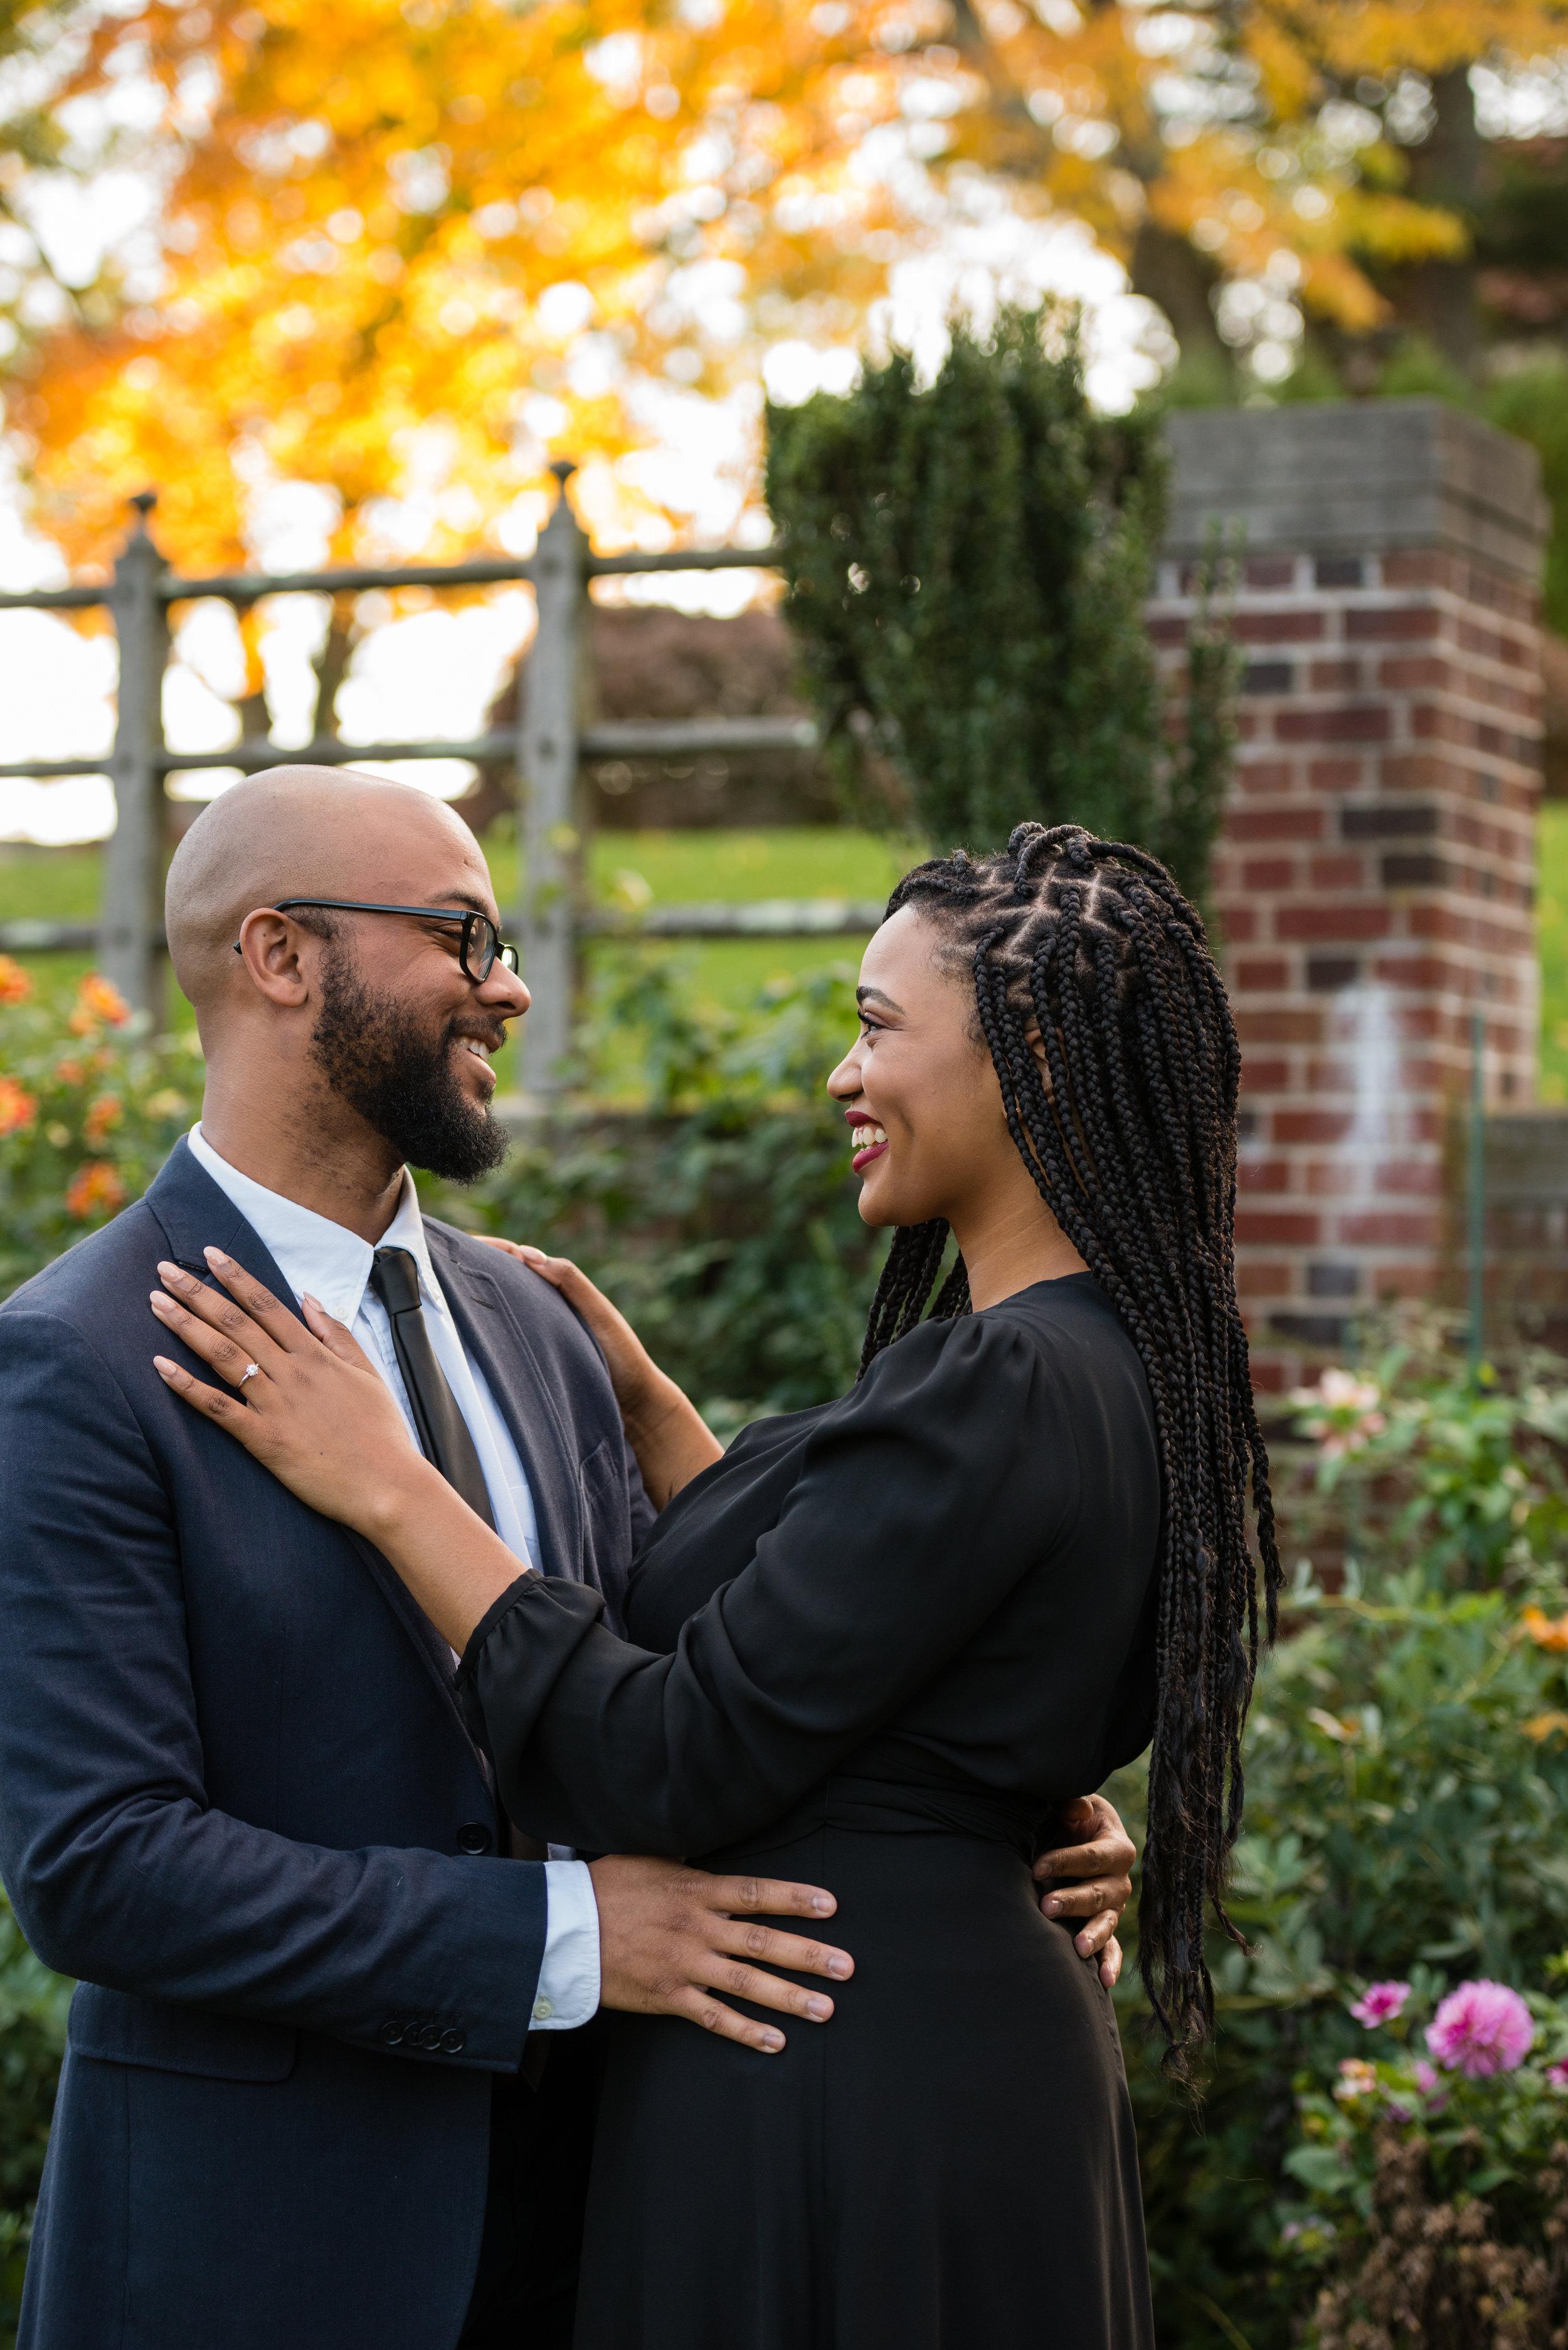 Omar-Sarah-Engagement-139.jpg